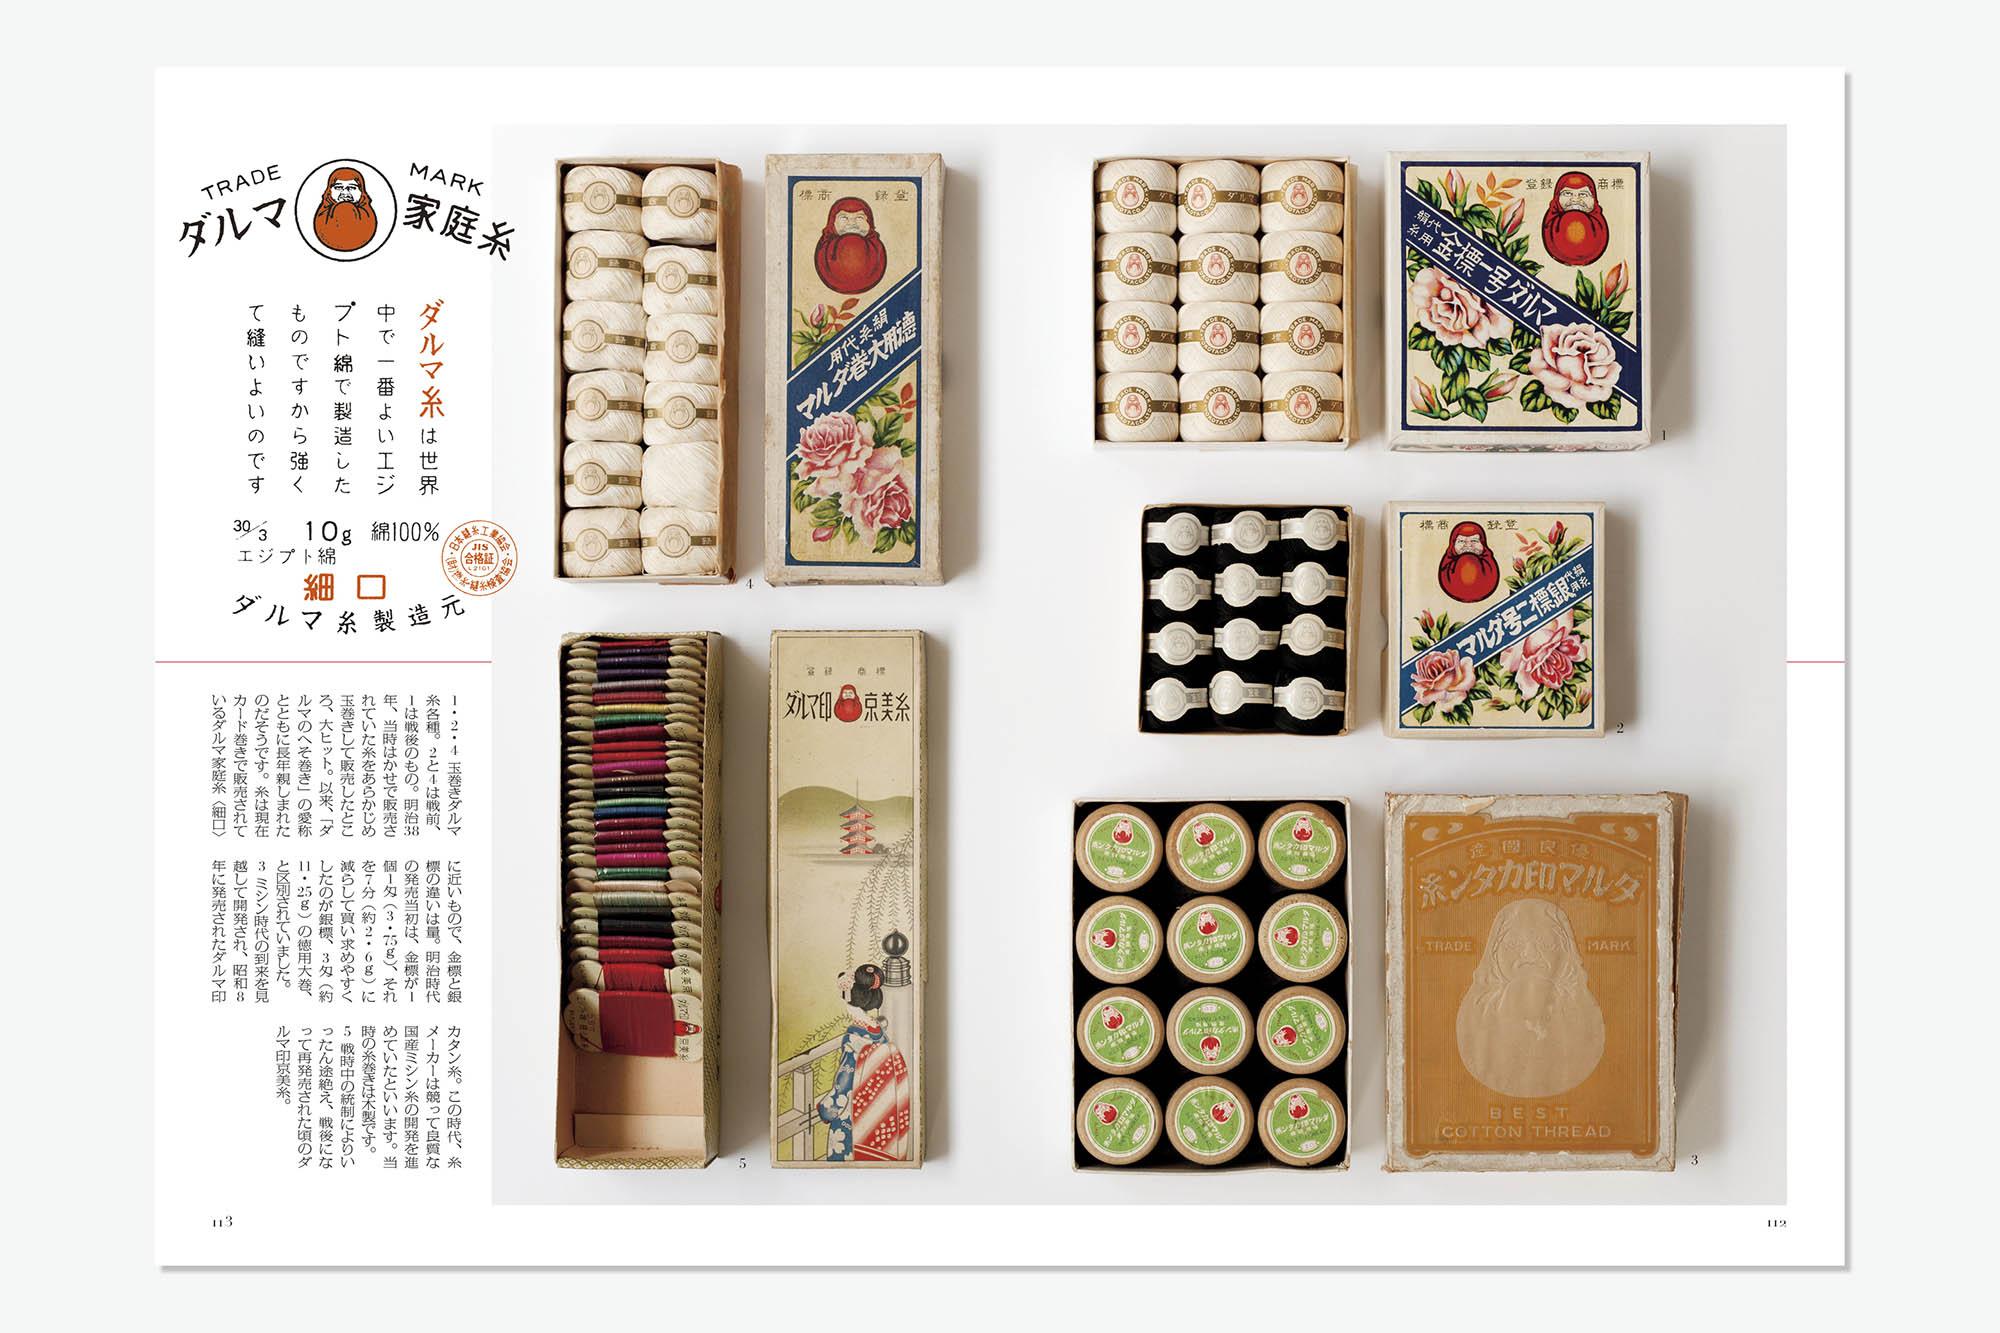 うれしい手縫い 装幀 デザイン ダルマ糸ギャラリー2